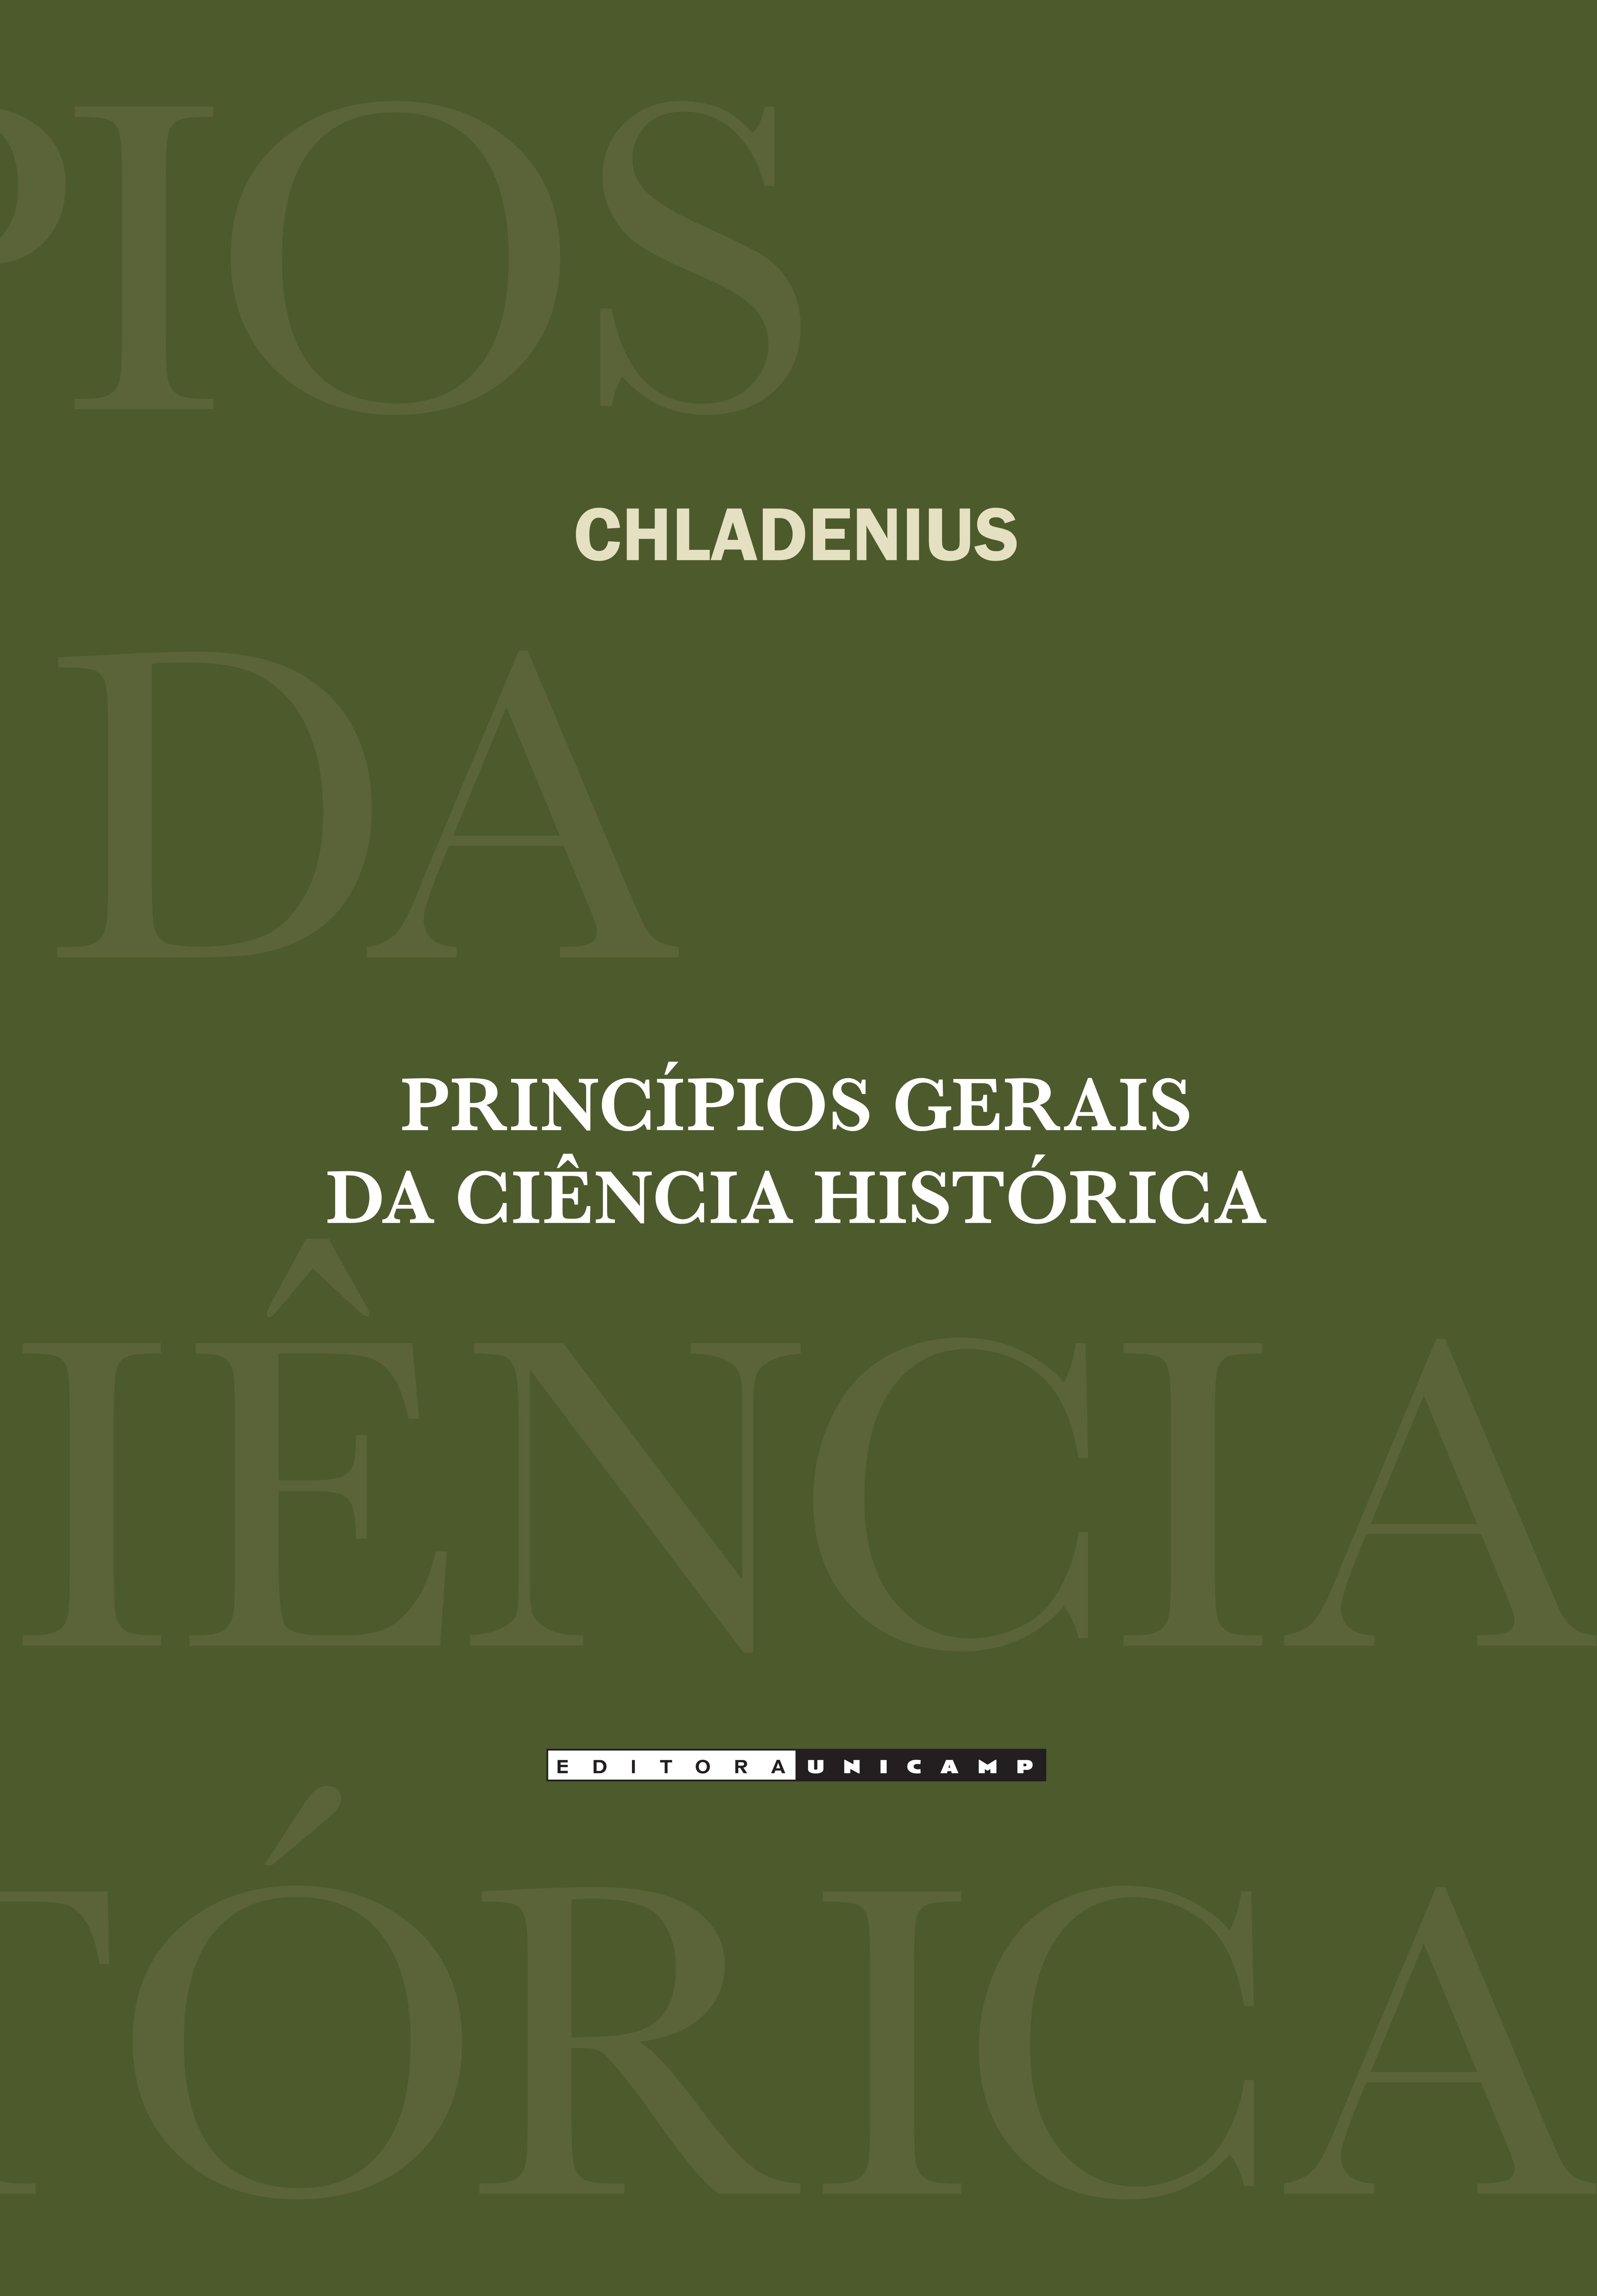 Princípios Gerais da Ciência Histórica, livro de Johann Martin Chladenius